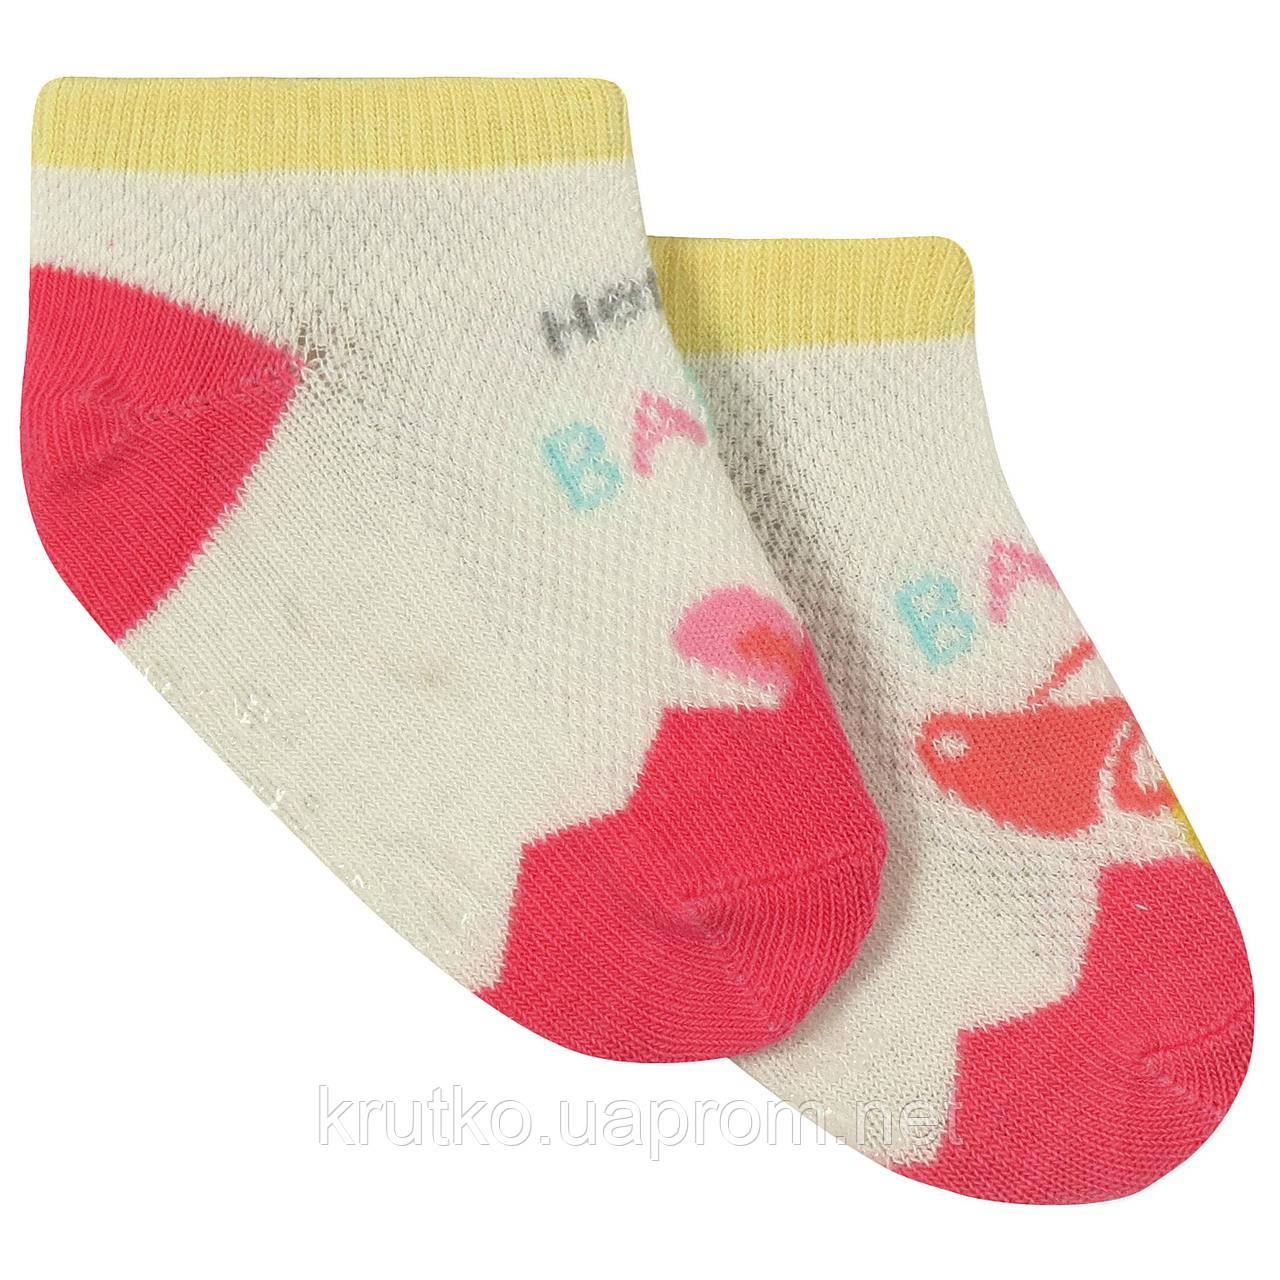 Детские антискользящие носки Привет Малыш Berni